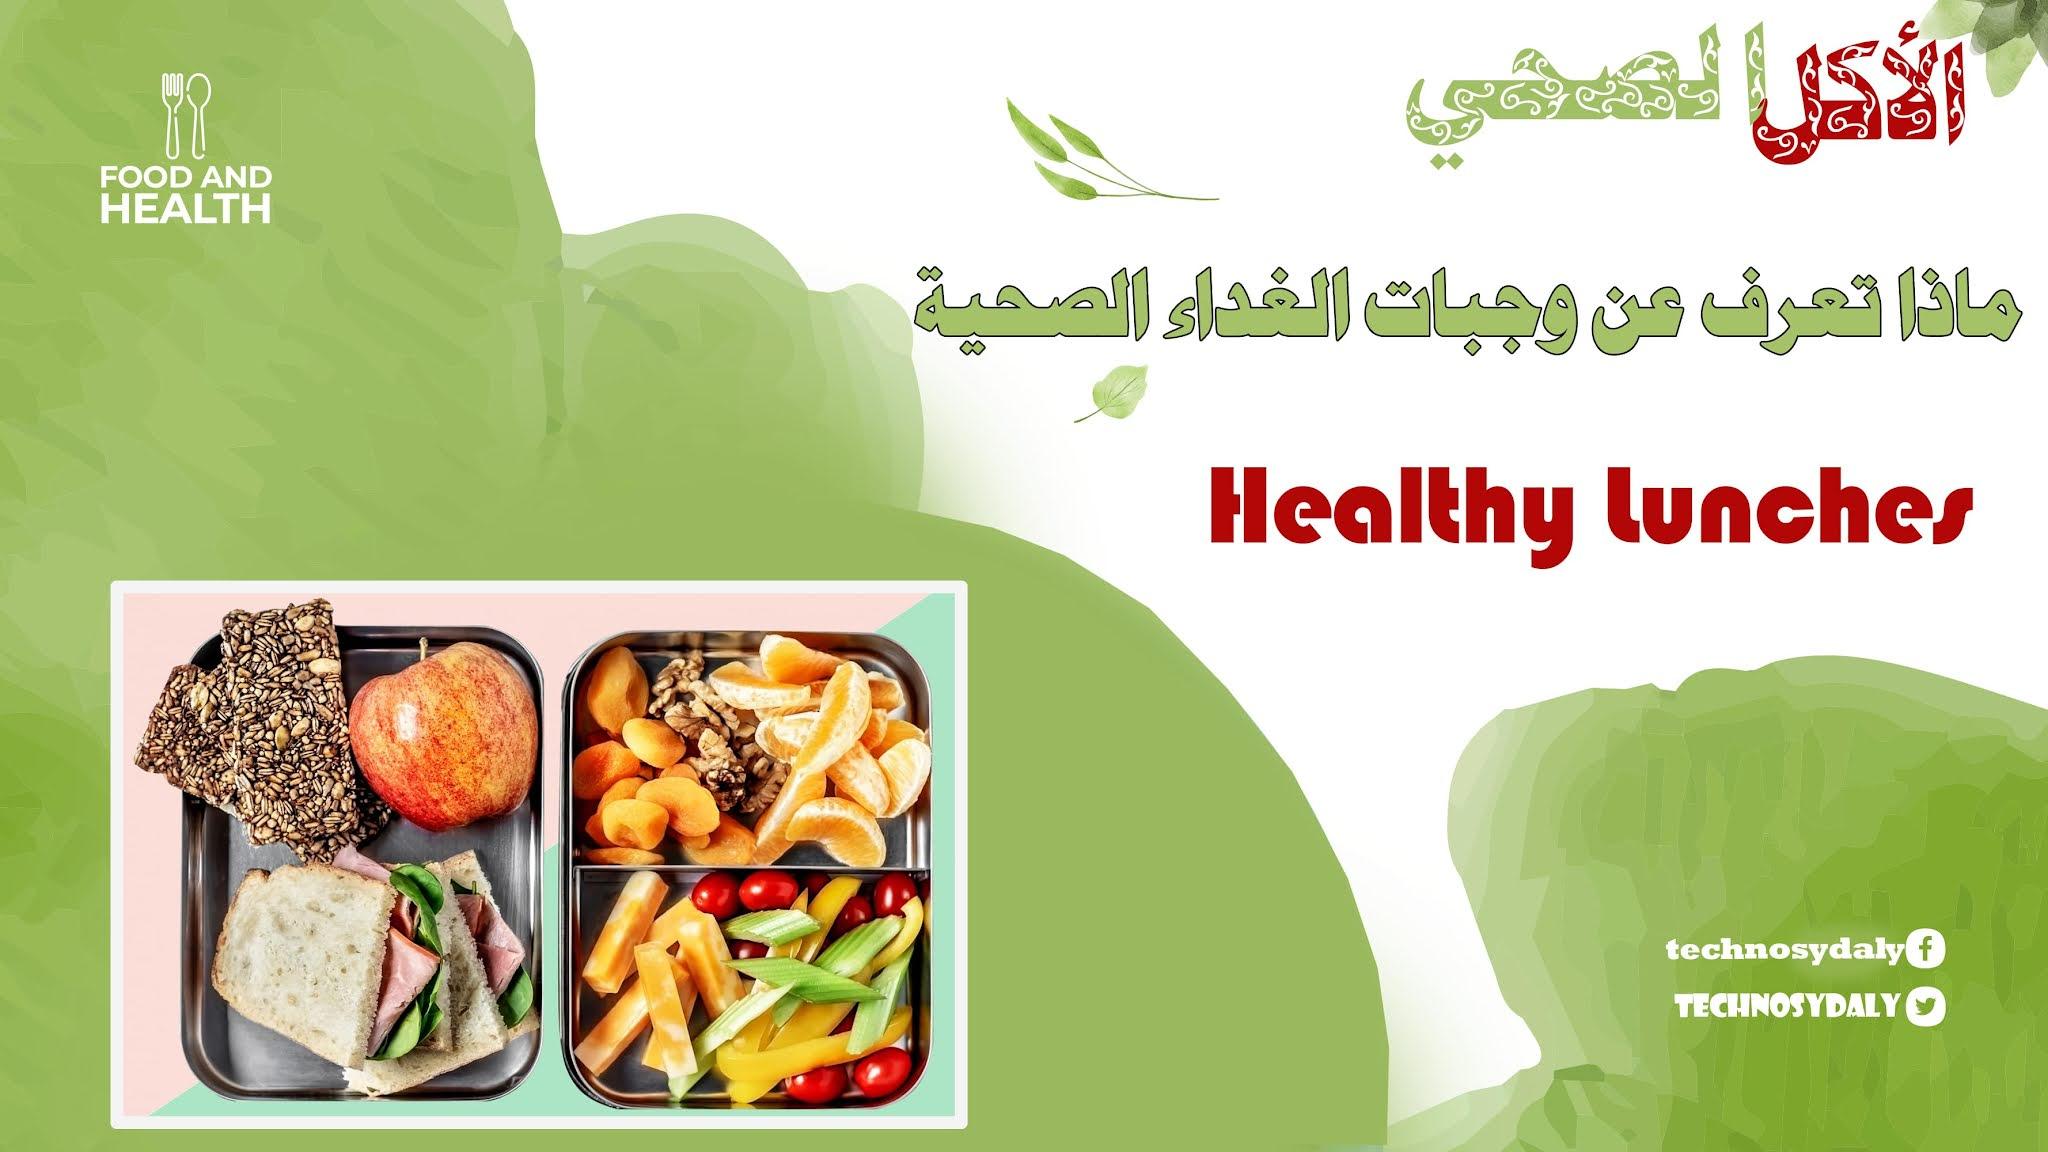 ماذا تعرف عن وجبات الغداء الصحية؟ Healthy Lunches